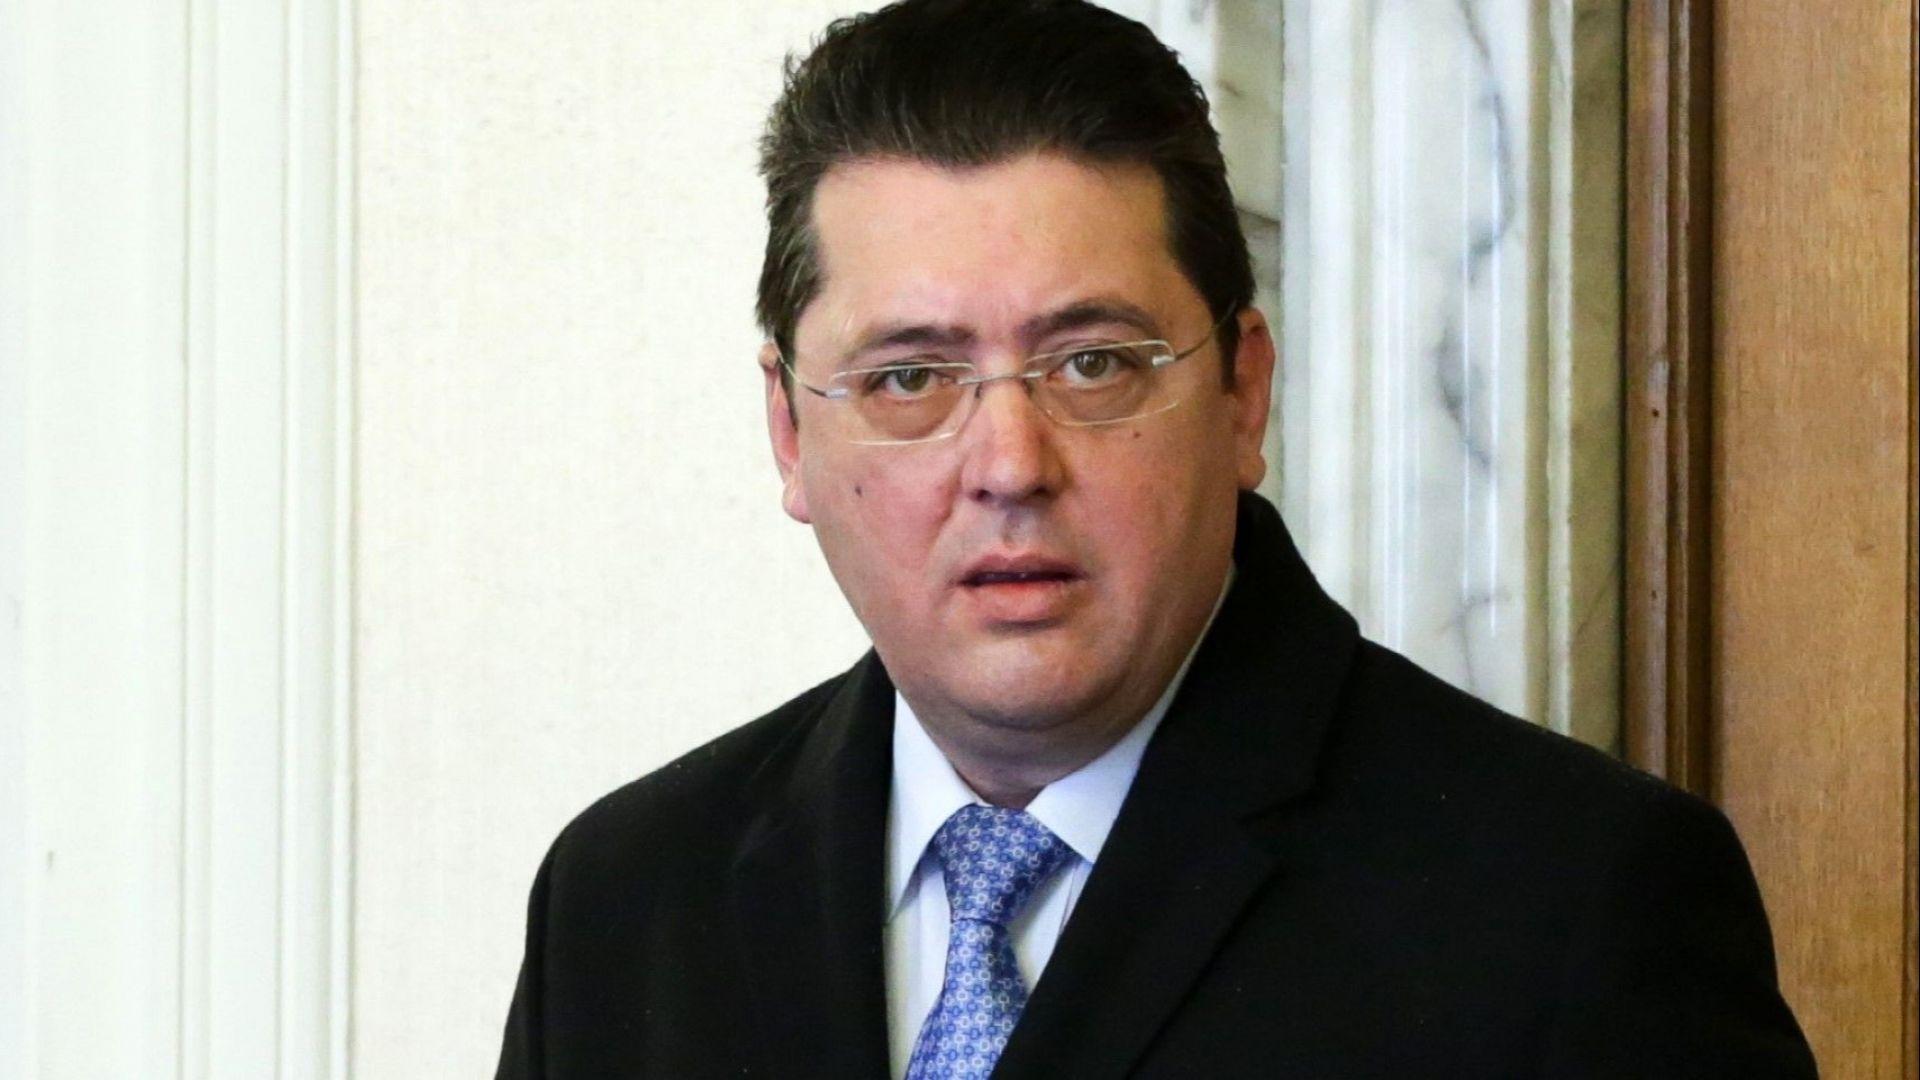 Президентският секретар Пламен Узунов и Пламен Бобоков вече са с повдигнати обвинения